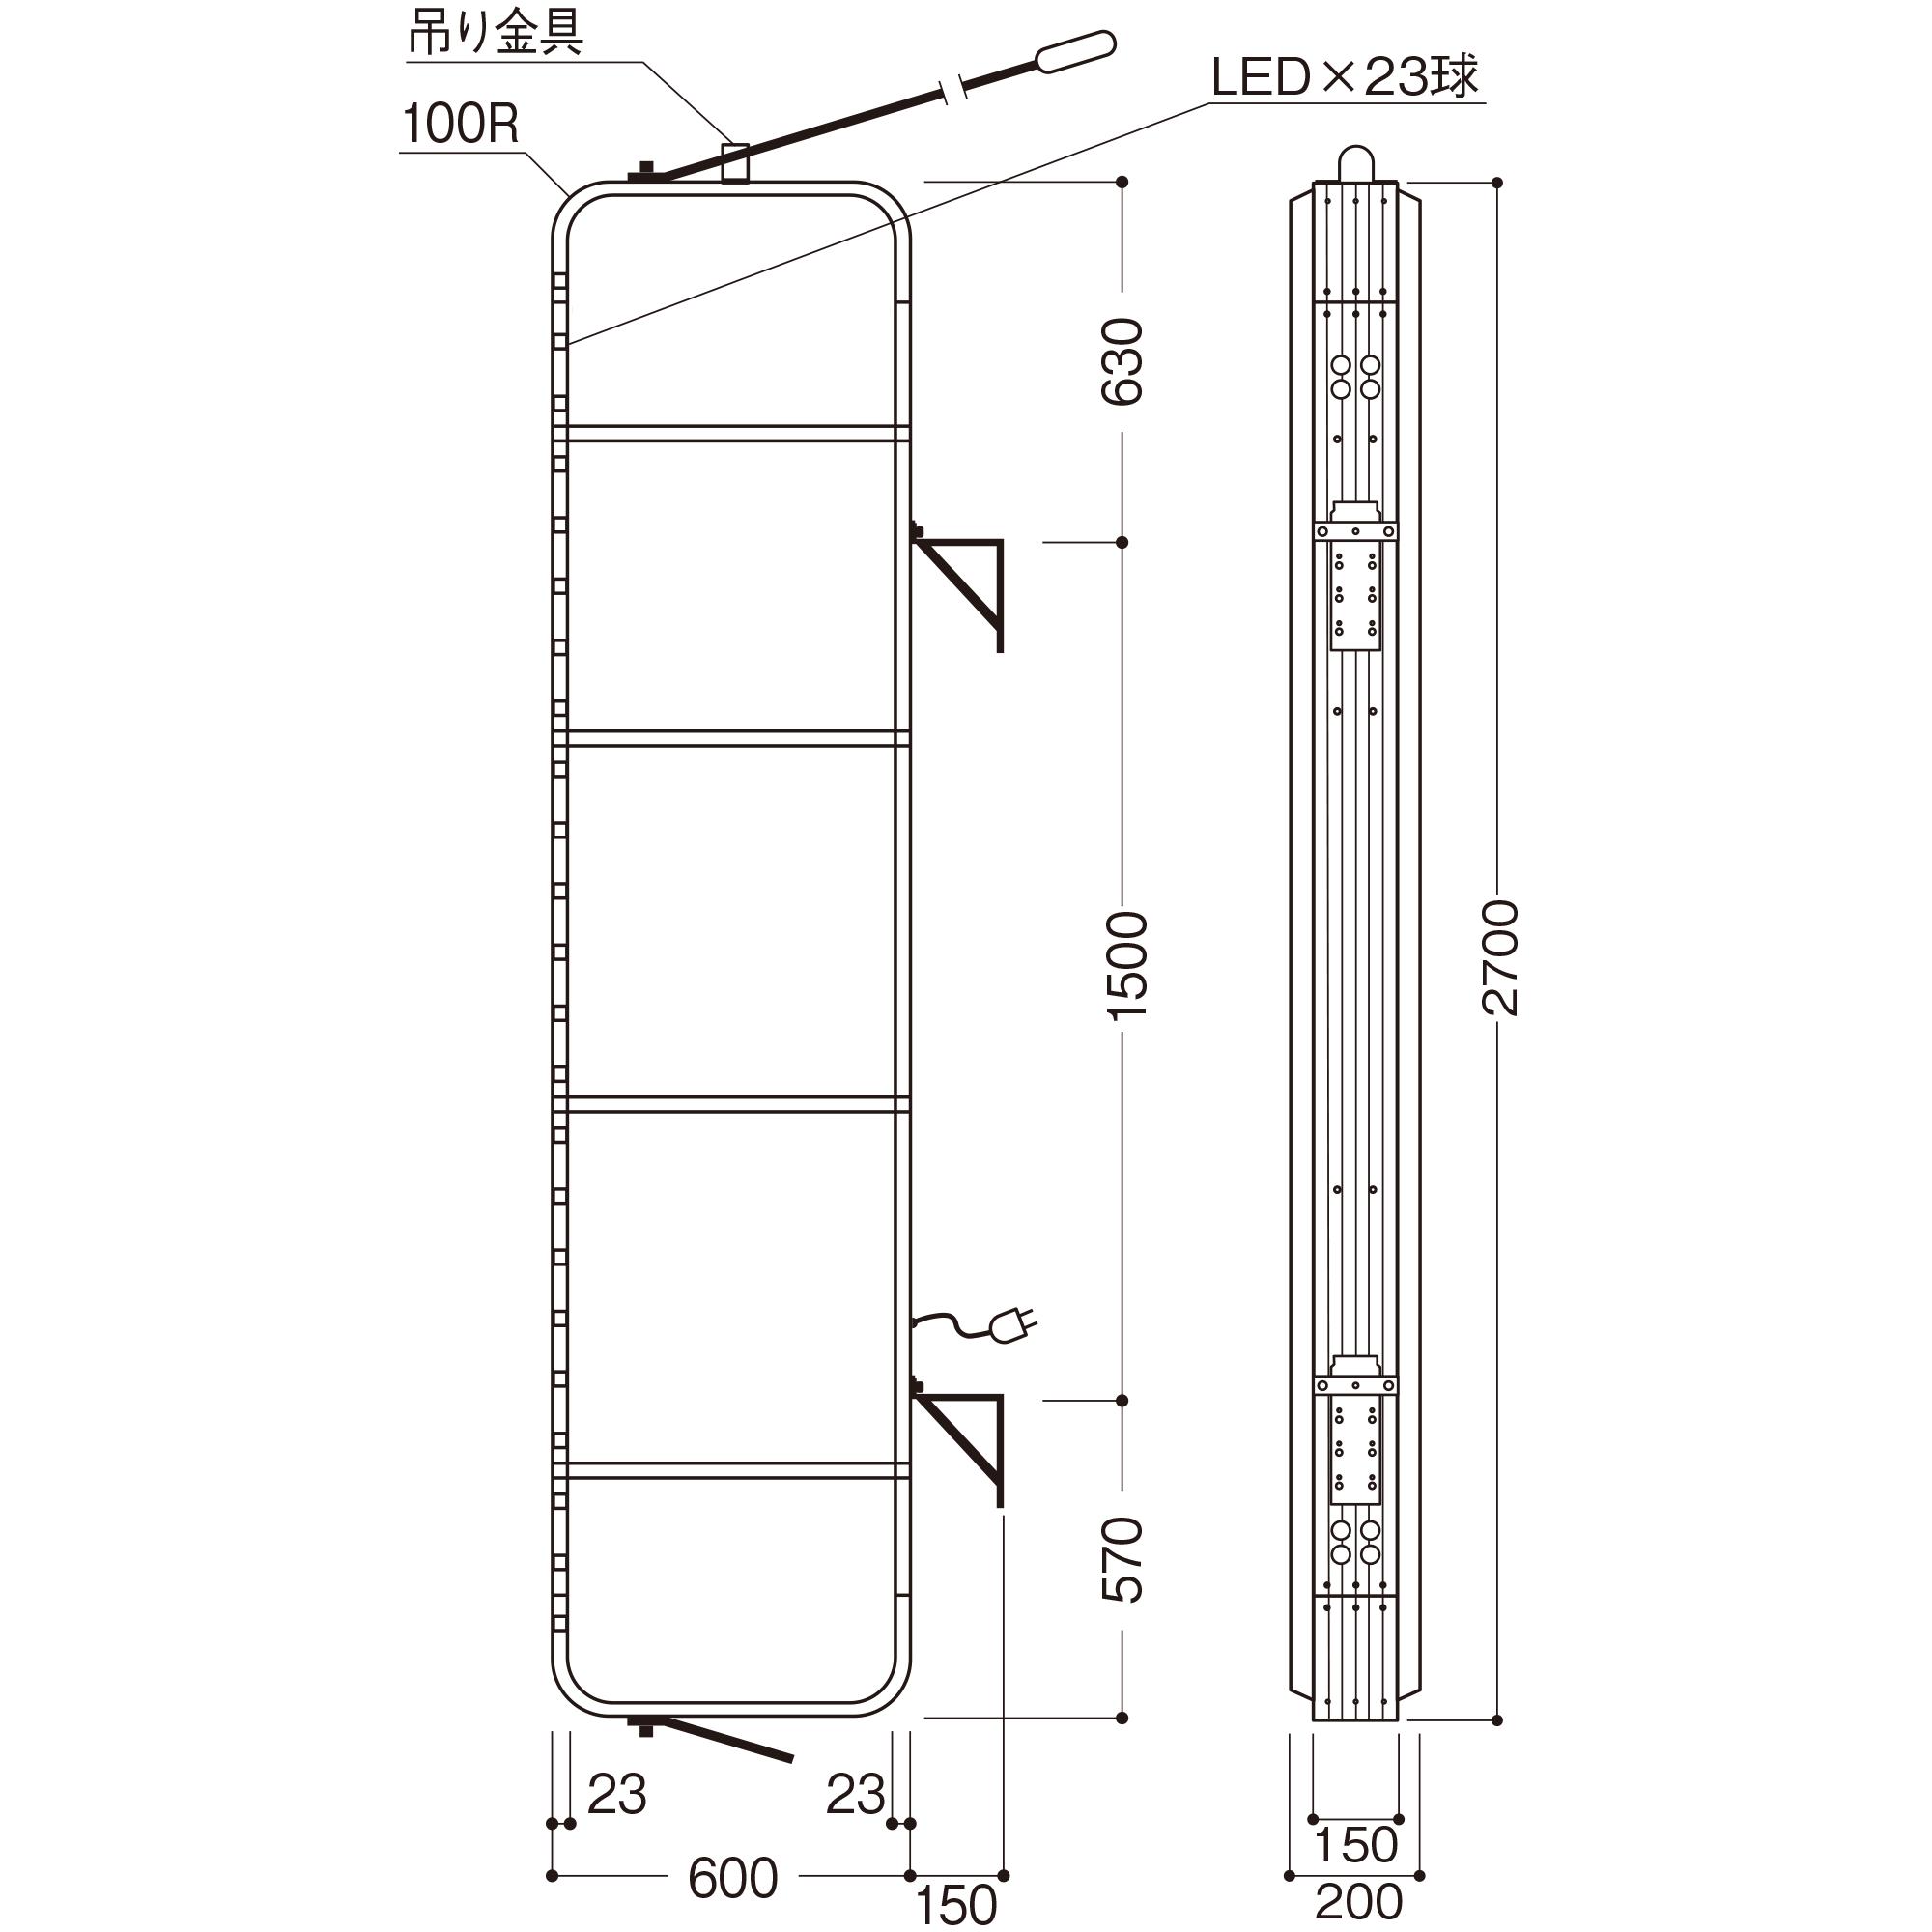 【LED照明】アルミサイン9尺「角丸」突出し看板ADR-9215E-LED シルバー